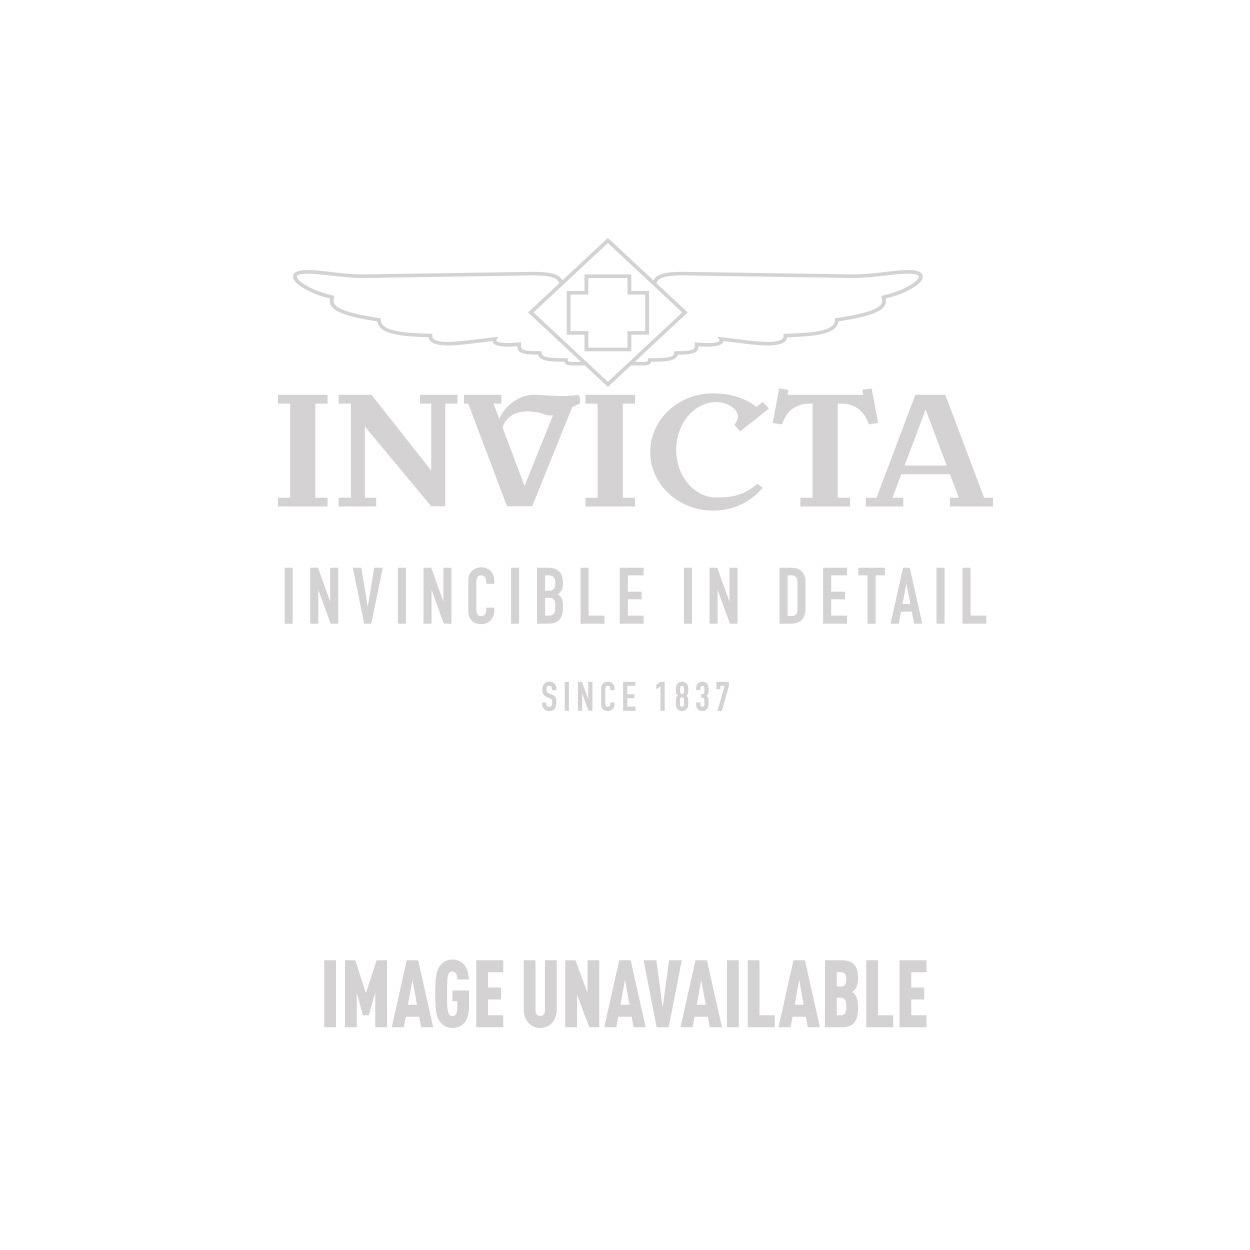 Invicta Model  SC0375